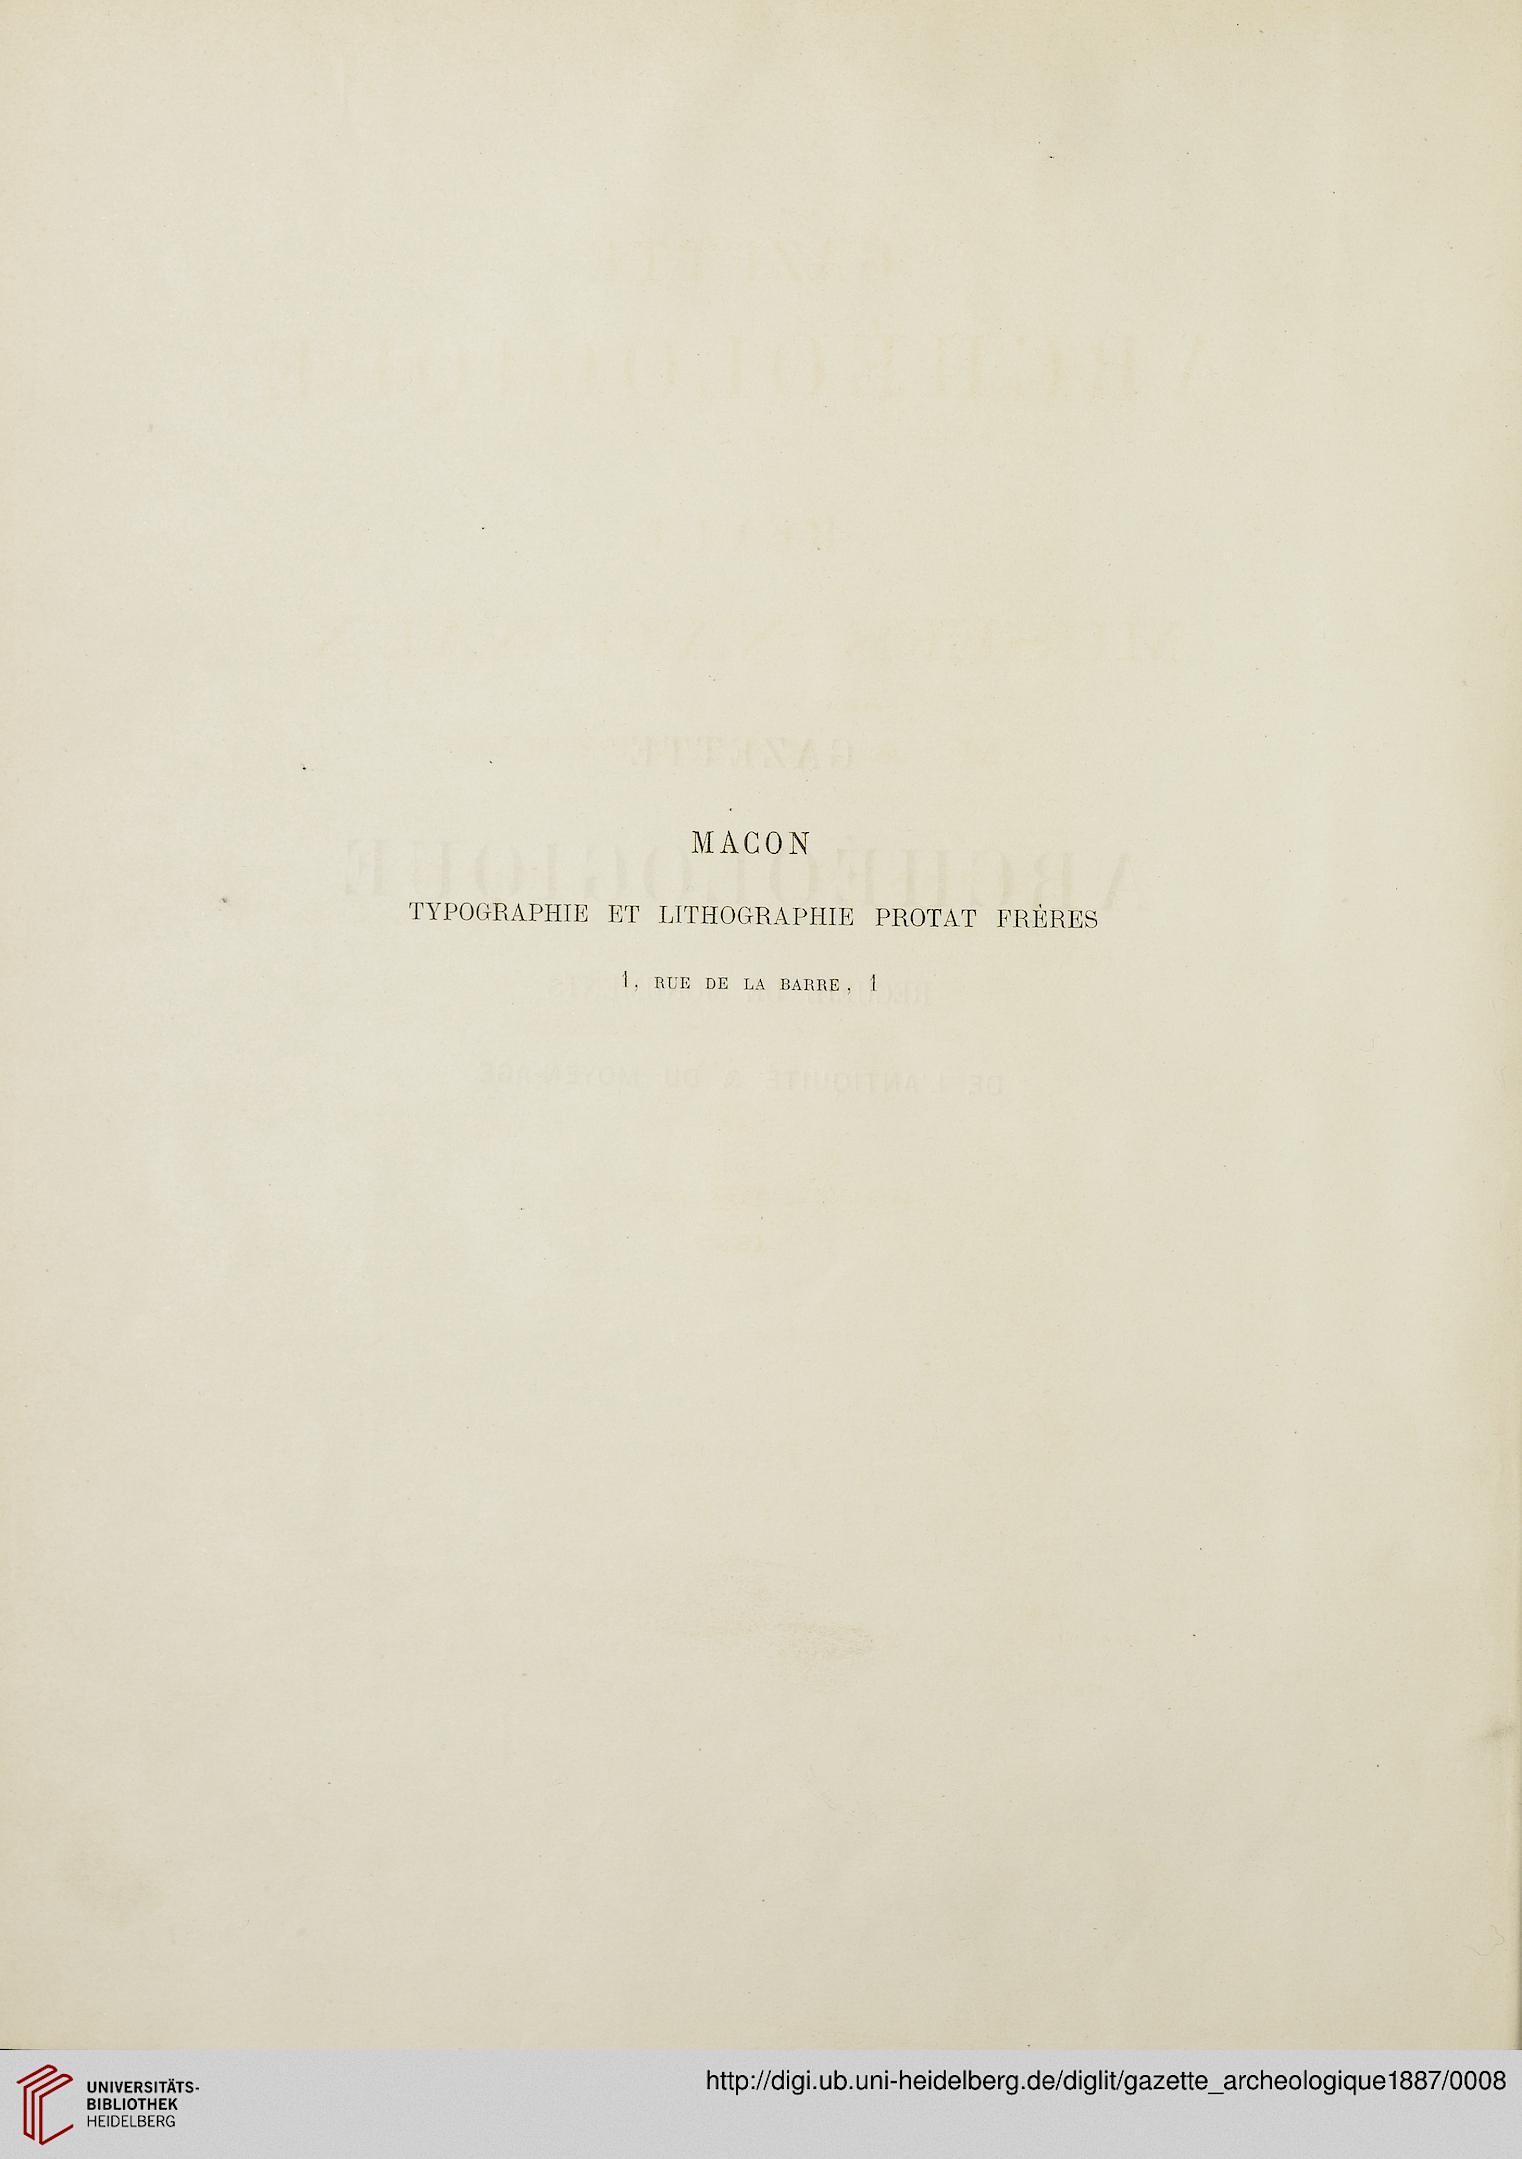 Gazette archéologique: revue des Musées Nationaux (12.1887)